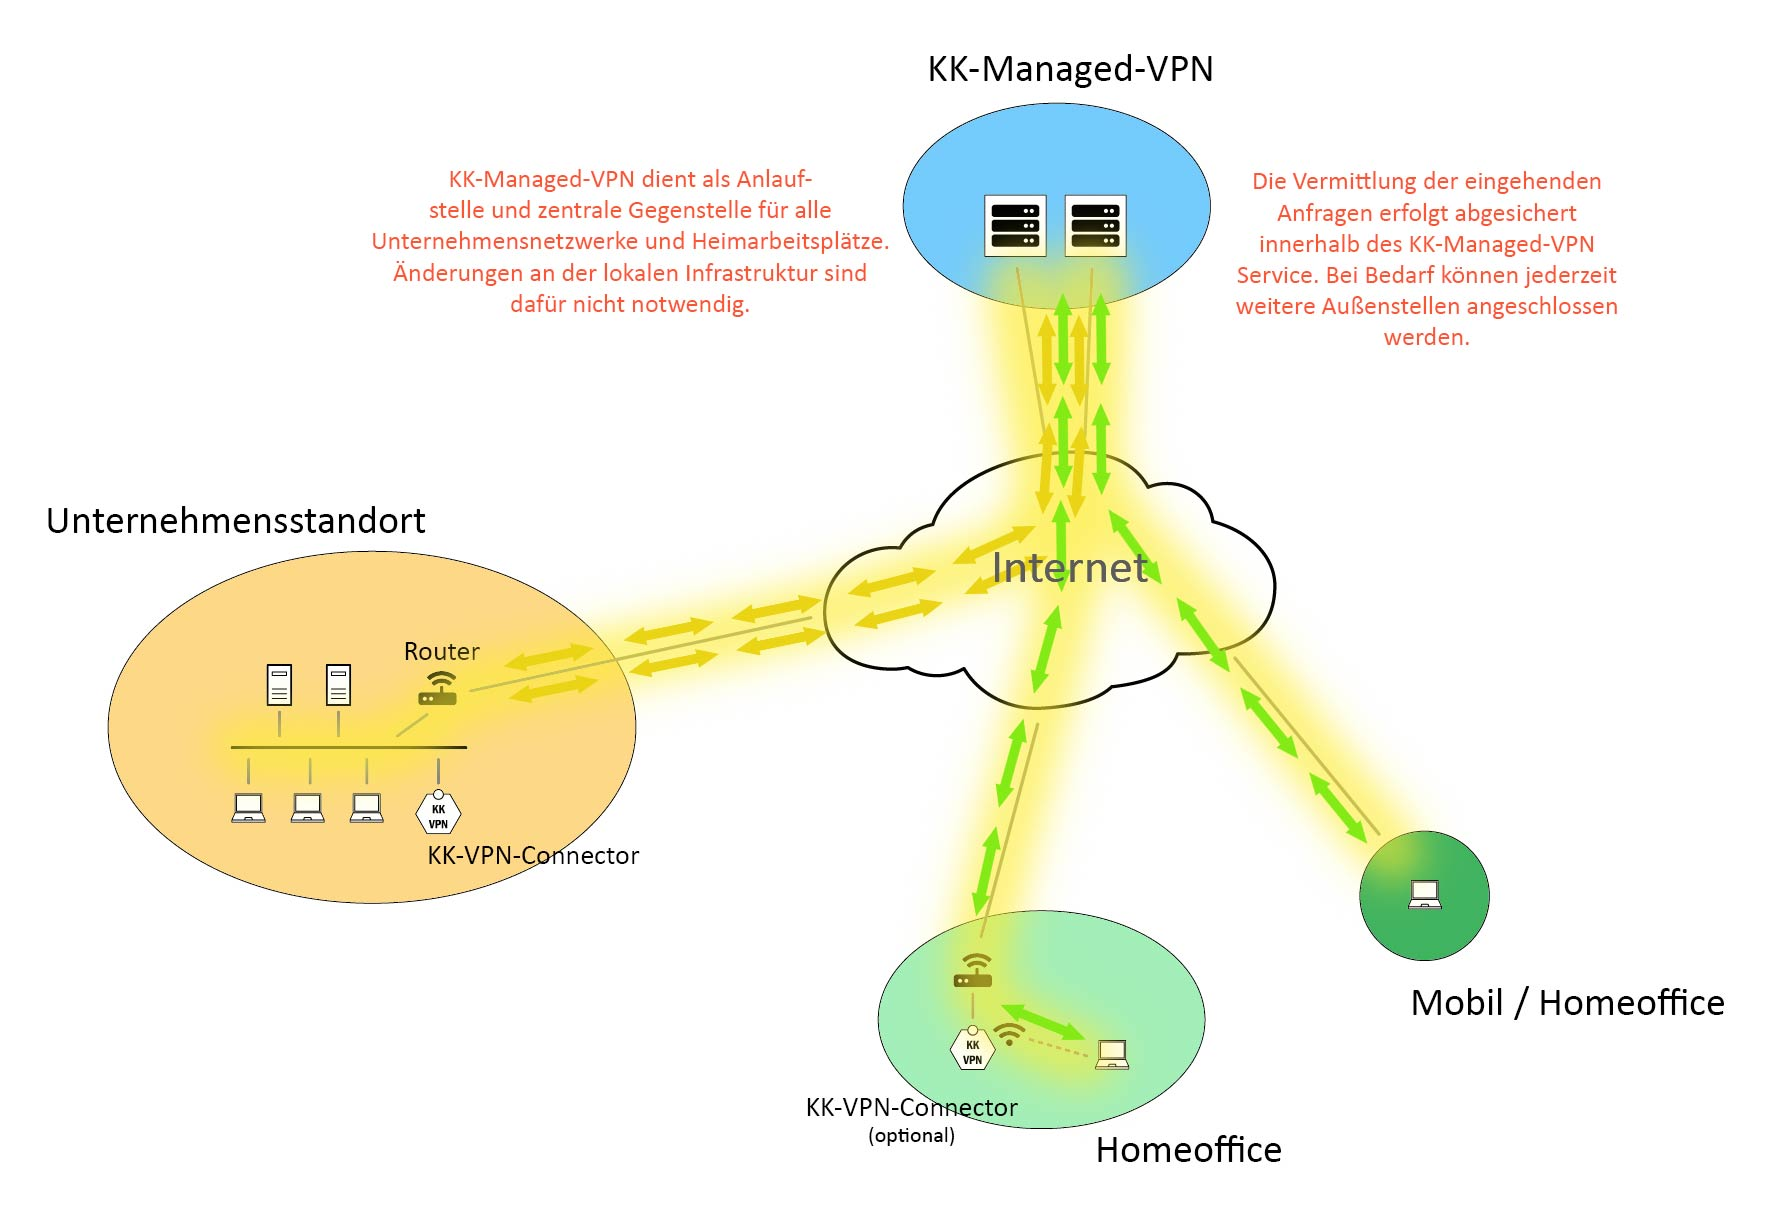 Datenvermittlung innerhalb der KK-Managed-VPN